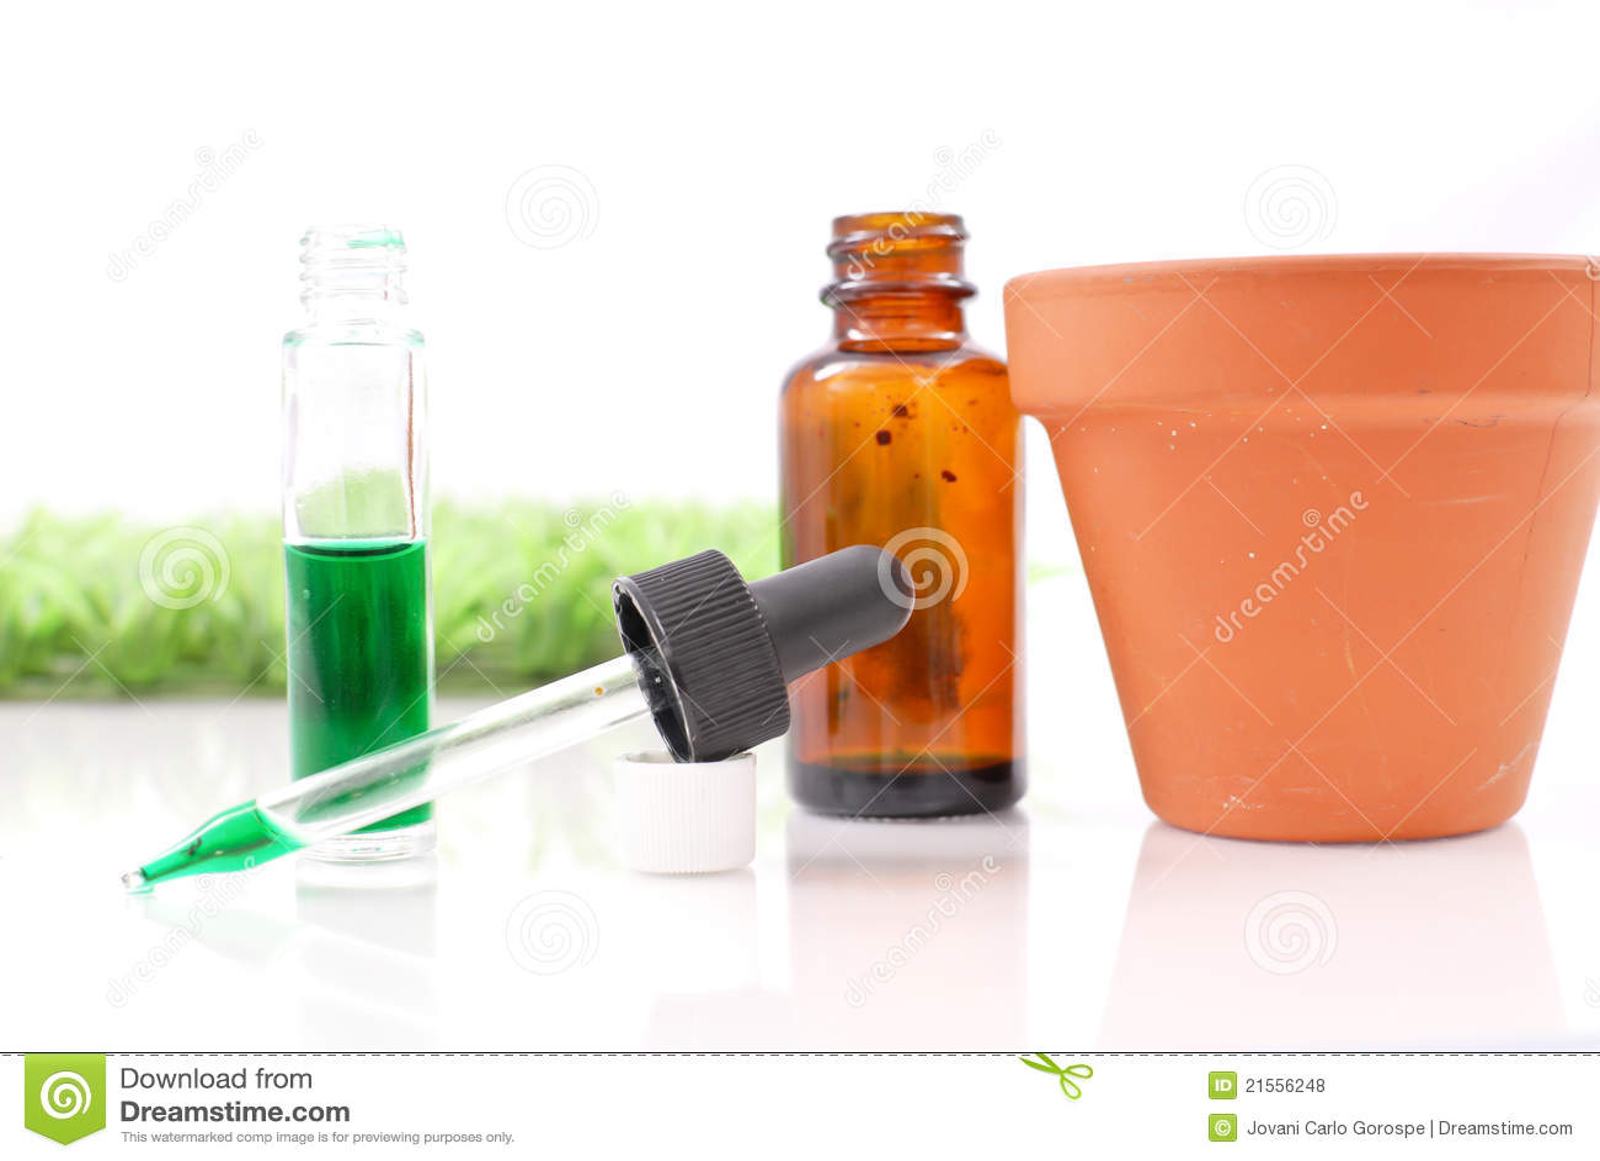 Plantas científicas